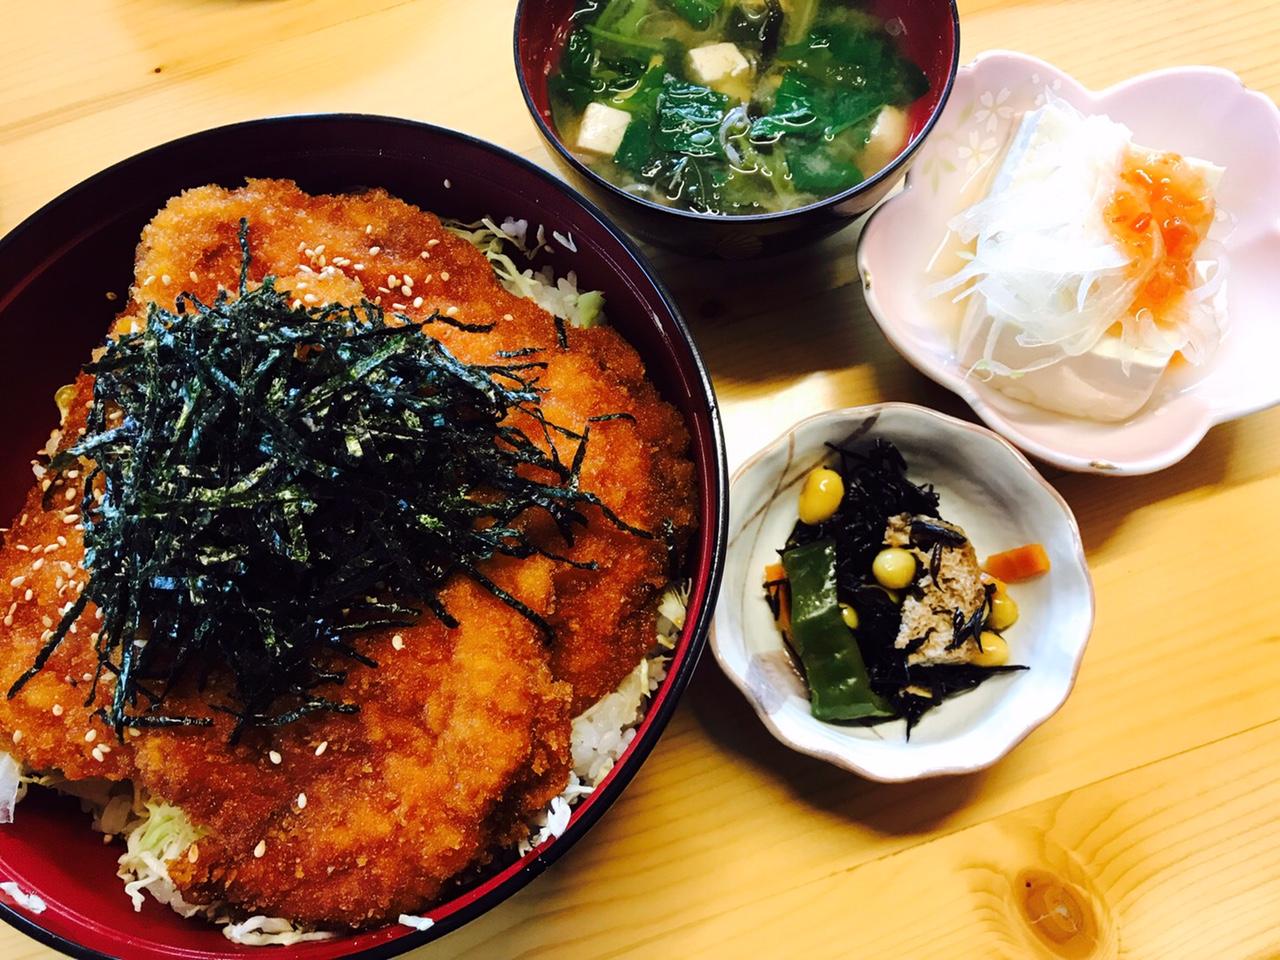 福島県昭和村 カフェまつや ヒレカツ丼